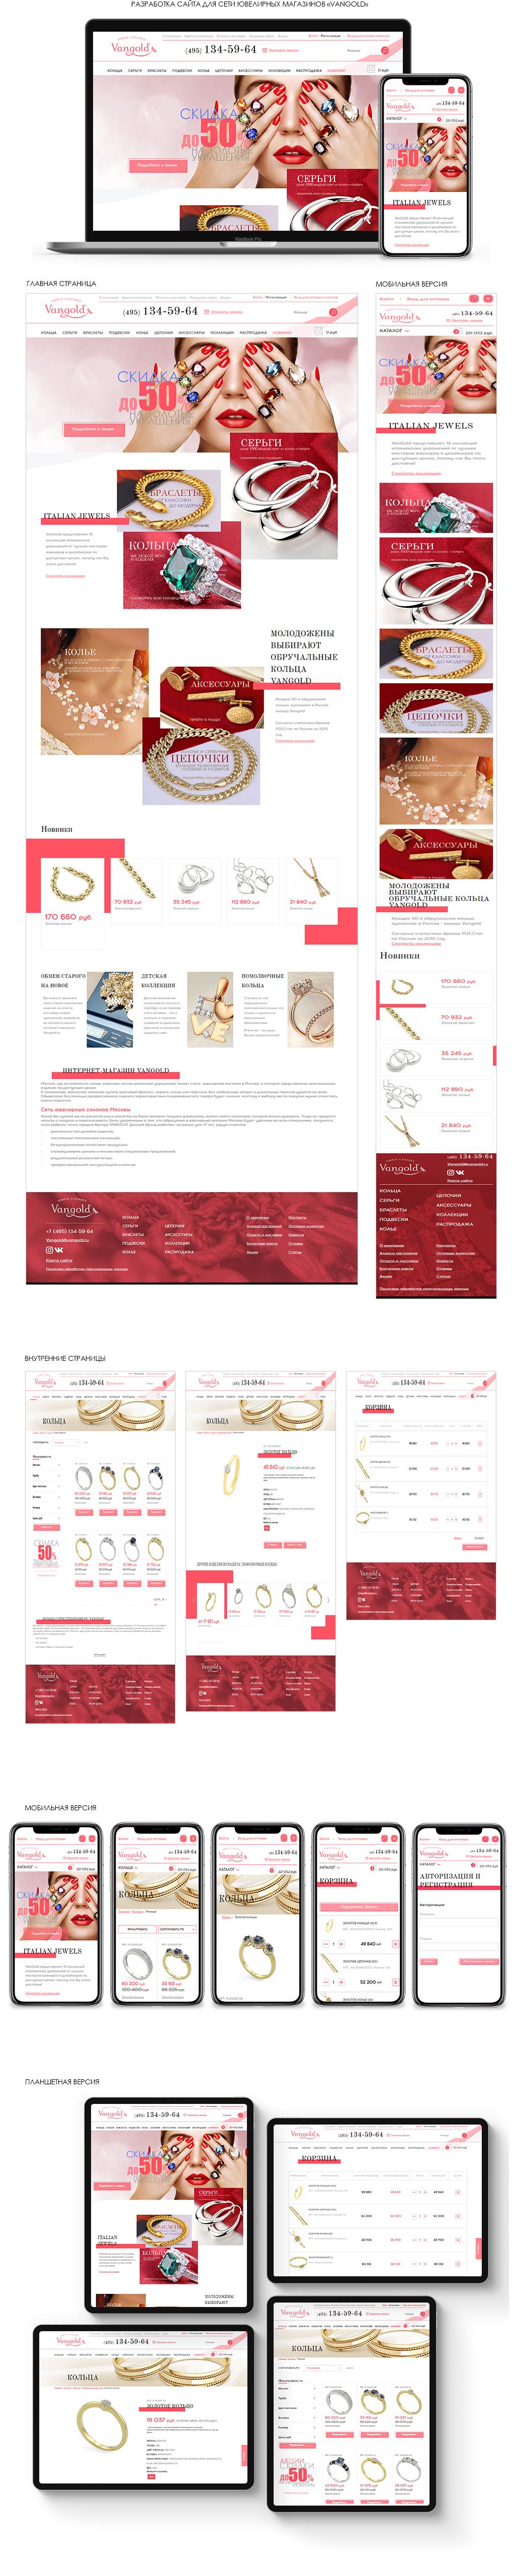 Интернет магазин для сети ювелирных магазинов Vangold